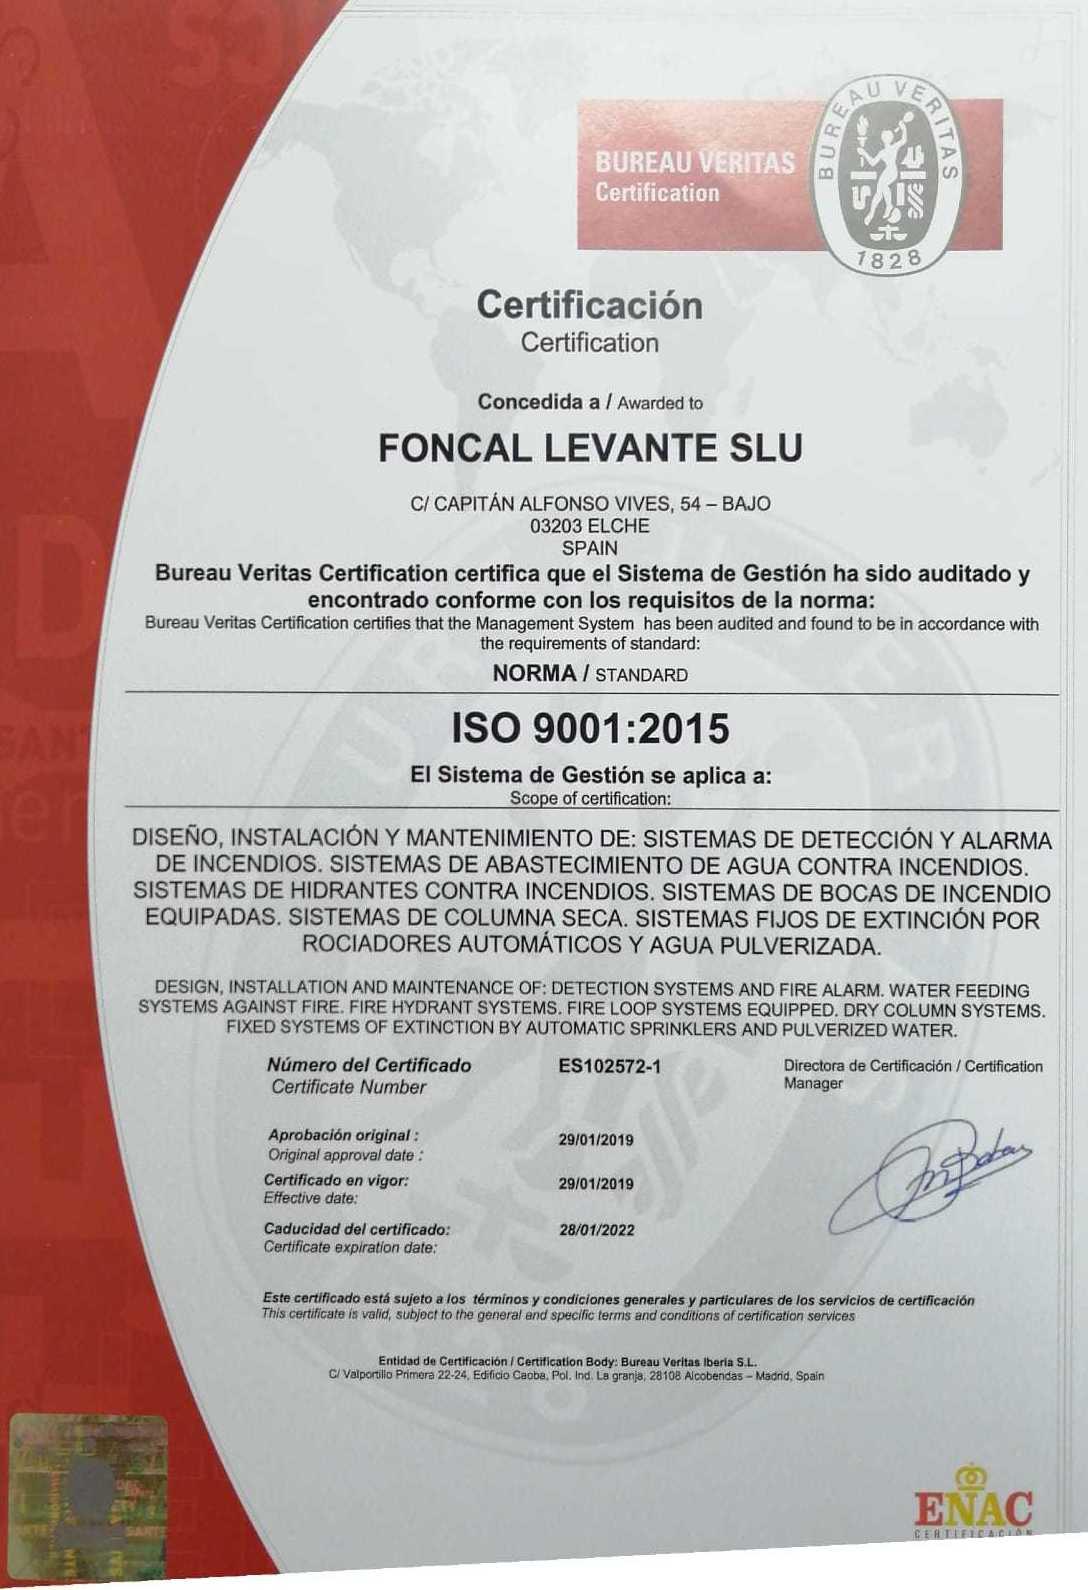 Certificado de calidad 9001:2015